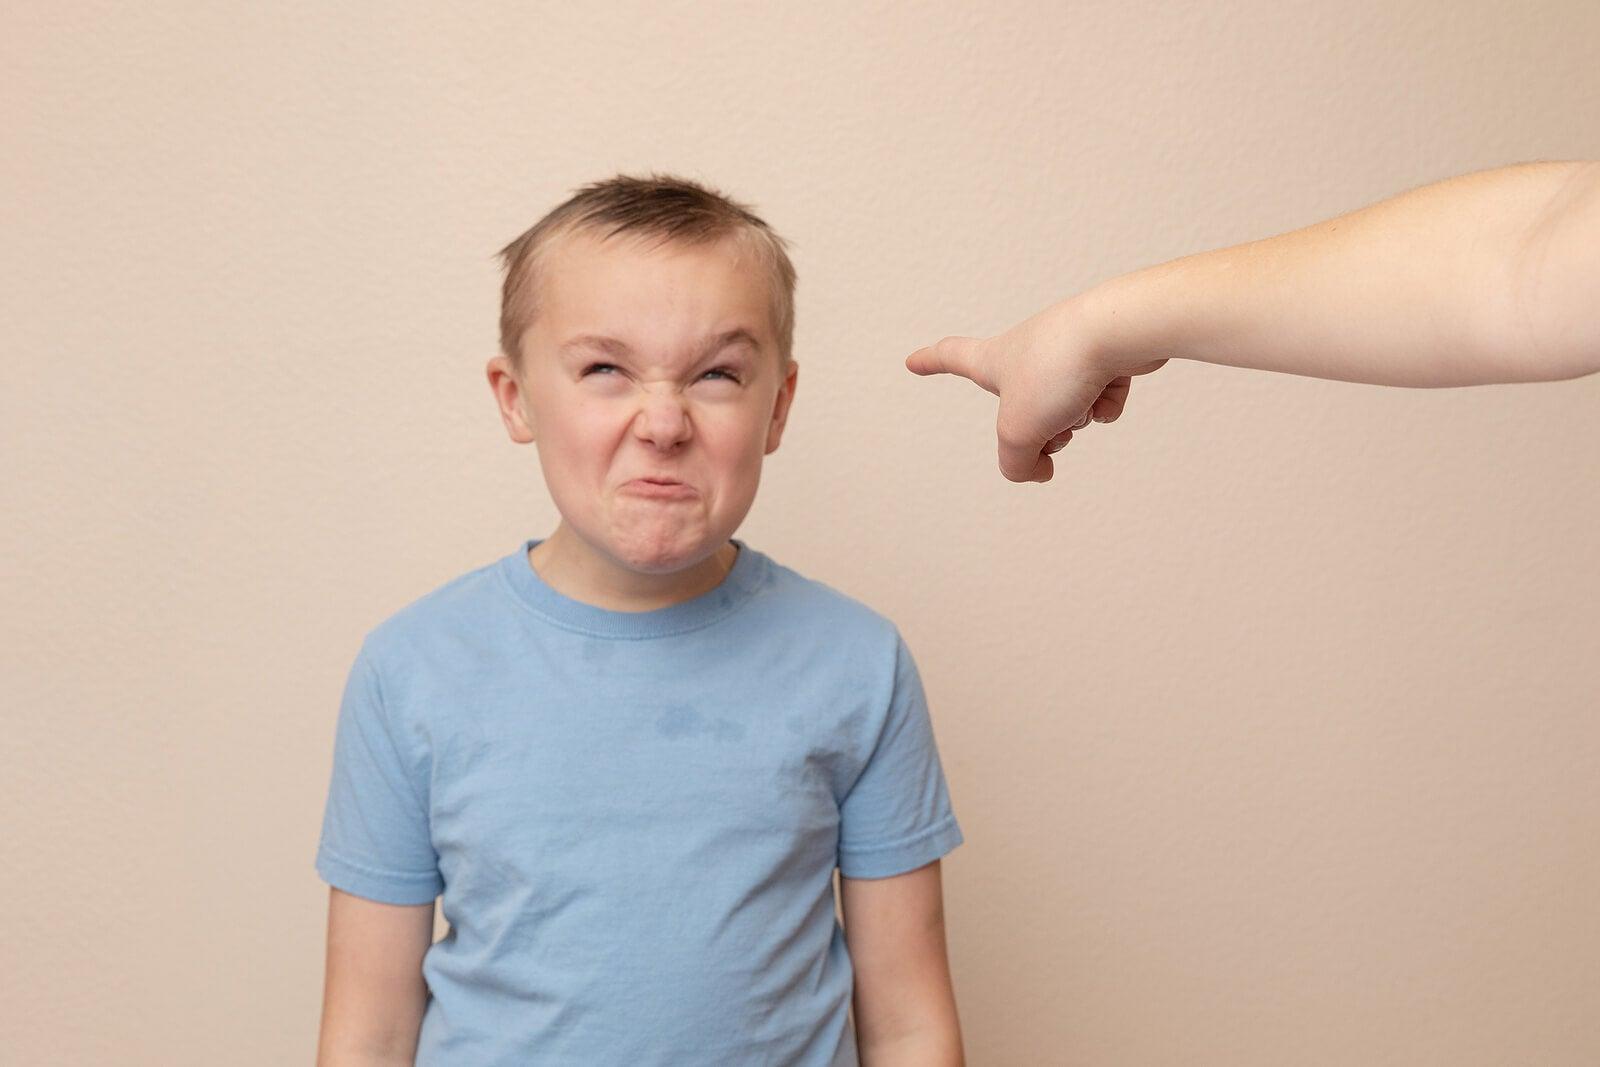 Madre intentando corregir a su hijo para que no insulte.